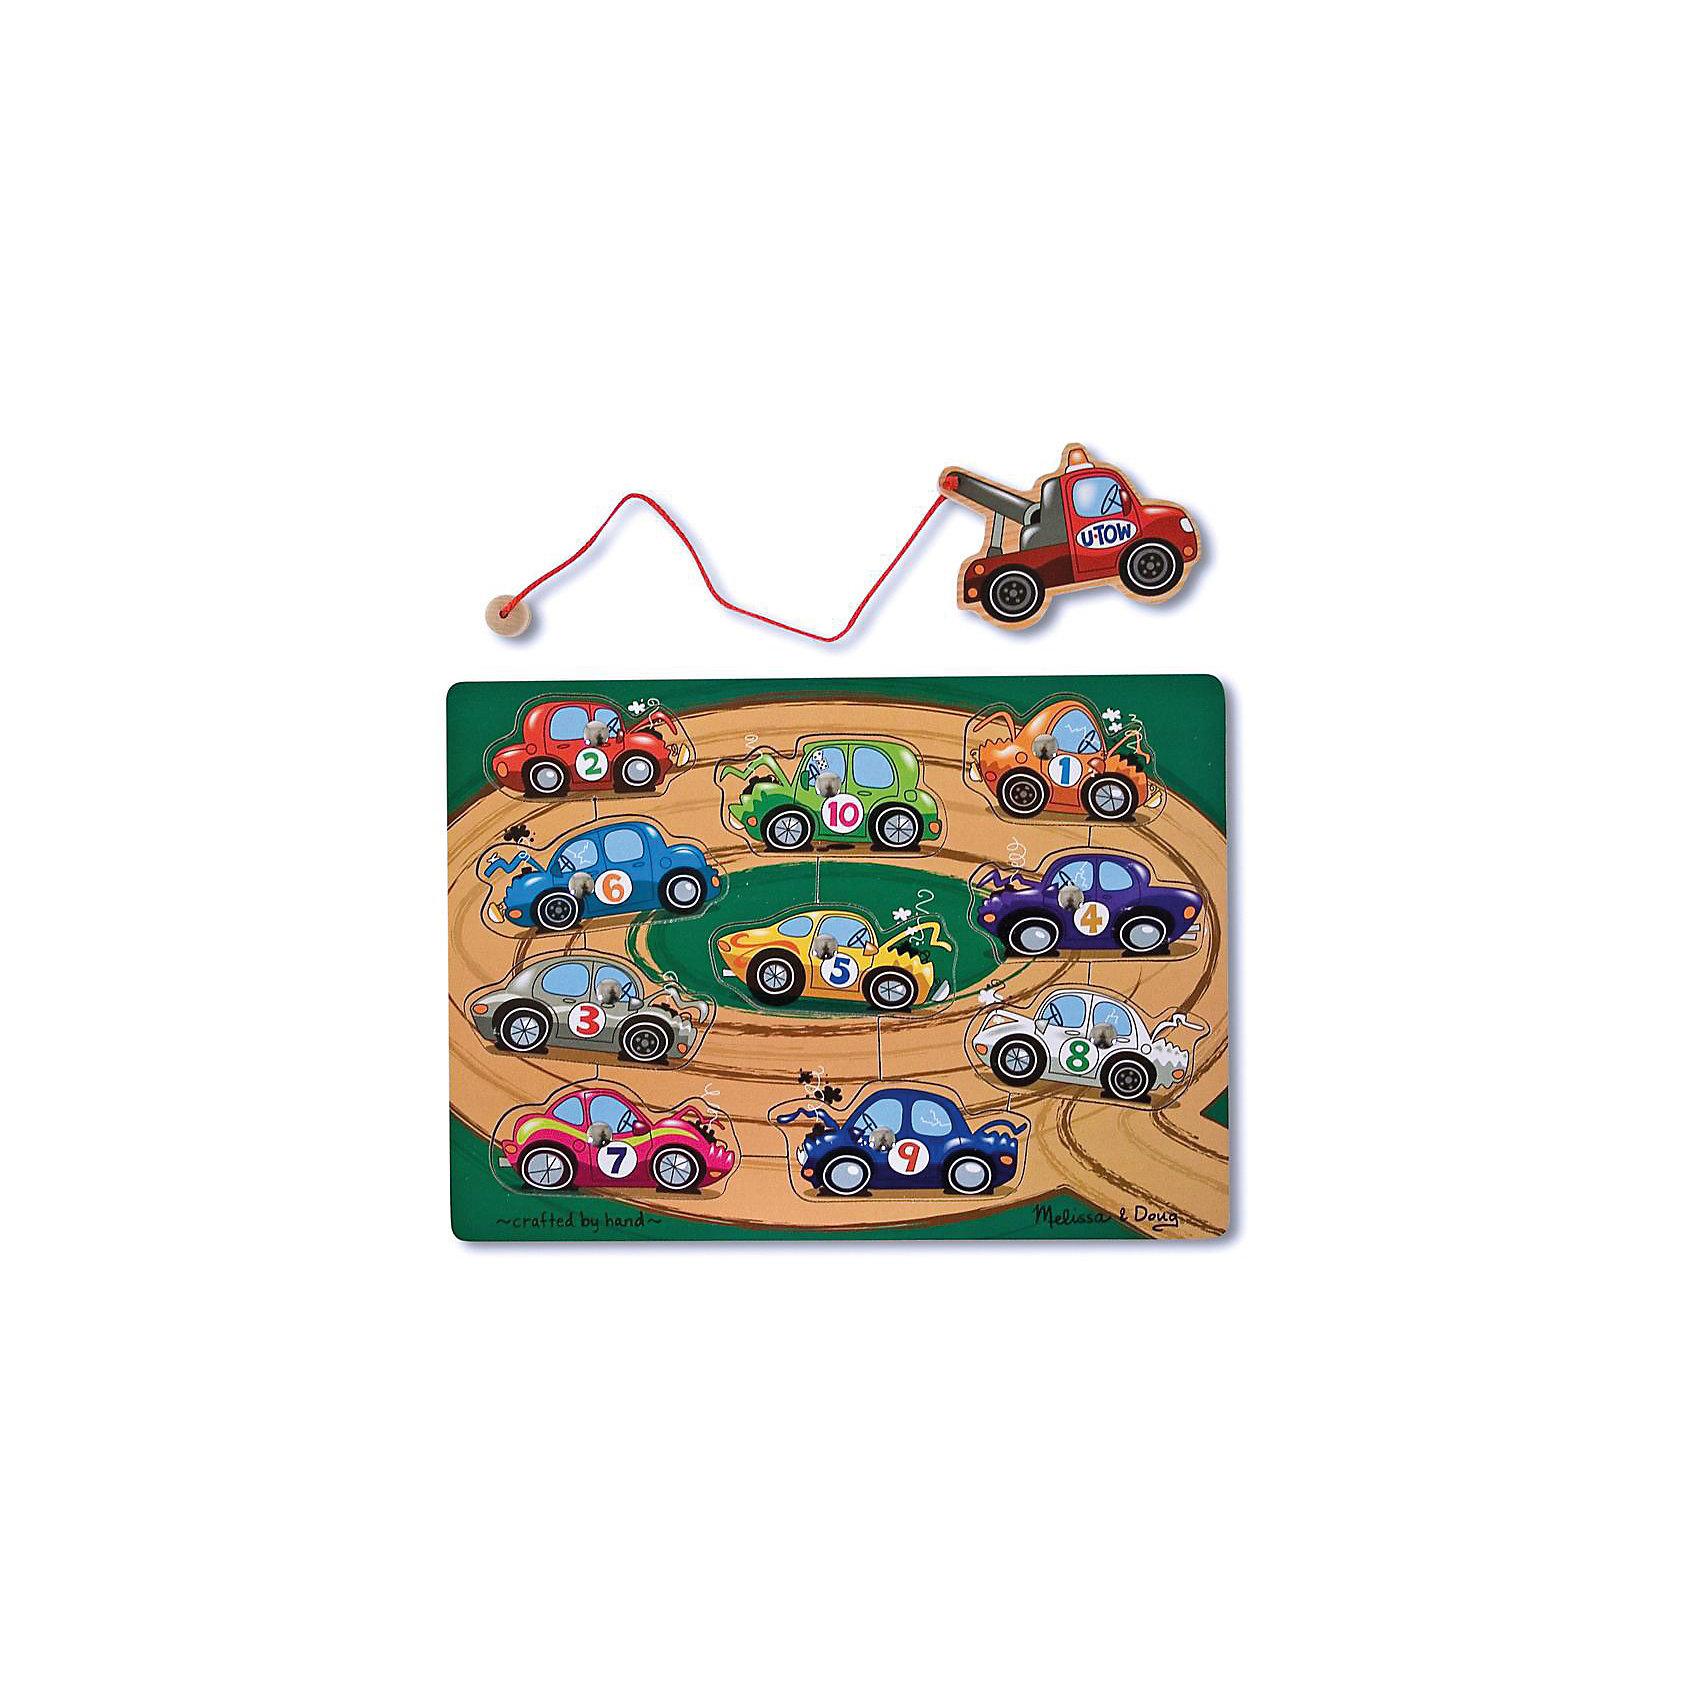 Магнитная игра Взять на буксир, Melissa&amp;DougМагнитная игра Взять на буксир, Melissa&amp;Doug - красочная развивающая игрушка, которая познакомит Вашего малыша с разными видами транспорта. Рамка-основа представляет из себя яркую картинку с изображением автомобильной трассы. В специальные углубления вставлены детальки с различными видами транспорта, каждая деталь строго на свое место. Цель игры -  при помощи блока-буксира с веревкой вынимать детали из основы, а затем возвращать каждый автомобиль на свое место. <br><br>На каждой детали-автомобиле прикреплен магнит, что позволяет малышу легко и просто доставать буксиром машинки из основы. Все детали игры качественно обработаны и окрашены безопасными красителями. Игра развивает координацию движений, мелкую моторику, внимание, навыки начального счета и логическое мышление.<br><br>Дополнительная информация:<br><br>- Материал: дерево. <br>- Размер упаковки: 2,5 х 23 х 30,5 см.<br>- Вес: 0,5 кг.<br> <br>Магнитную игру Взять на буксир, Melissa&amp;Doug, можно купить в нашем интернет-магазине.<br><br>Ширина мм: 20<br>Глубина мм: 220<br>Высота мм: 290<br>Вес г: 430<br>Возраст от месяцев: 36<br>Возраст до месяцев: 72<br>Пол: Унисекс<br>Возраст: Детский<br>SKU: 2401076